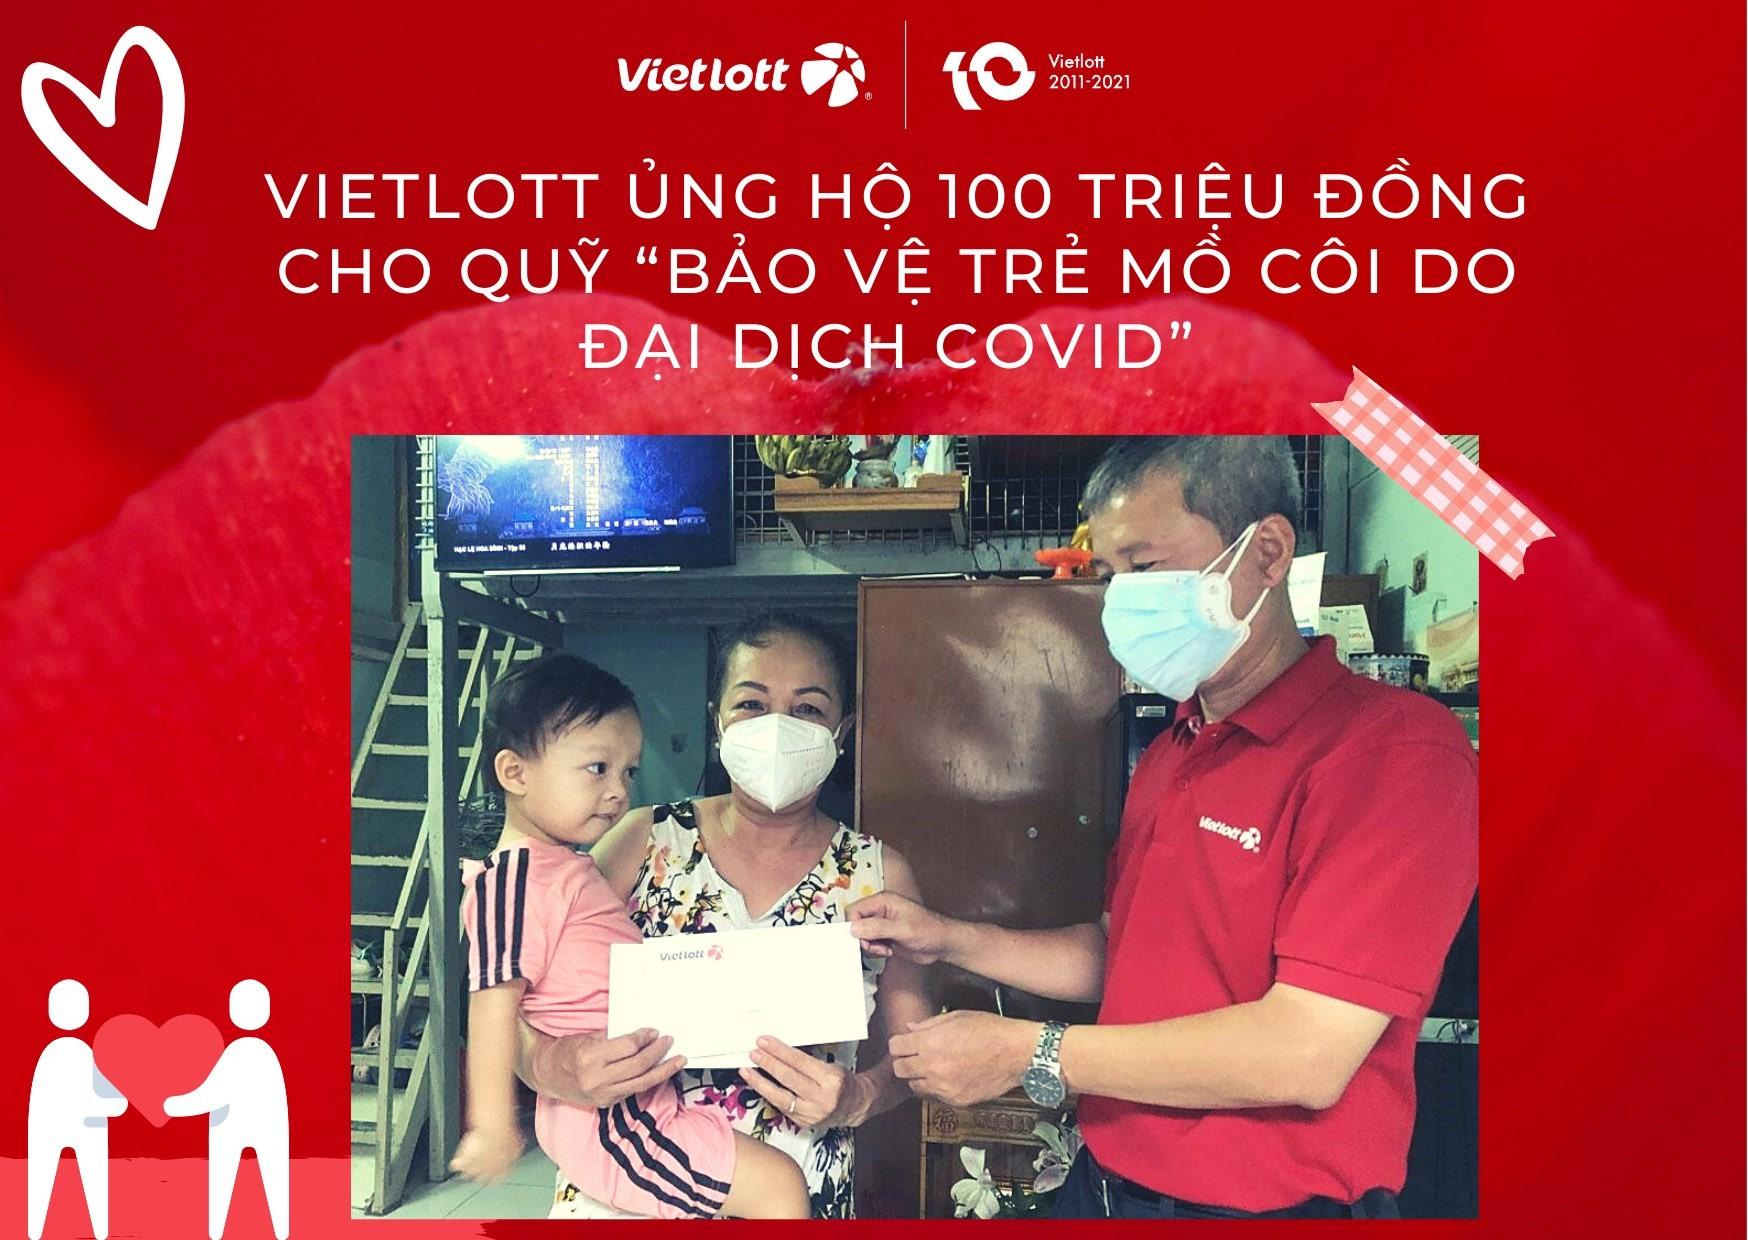 """Vietlott tặng quà trẻ mồ côi do Covid_19 và ủng hộ 100 triệu vào quỹ """"Bảo vệ trẻ em mồ côi do đại dịch Covid"""" của báo Thanh Niên"""